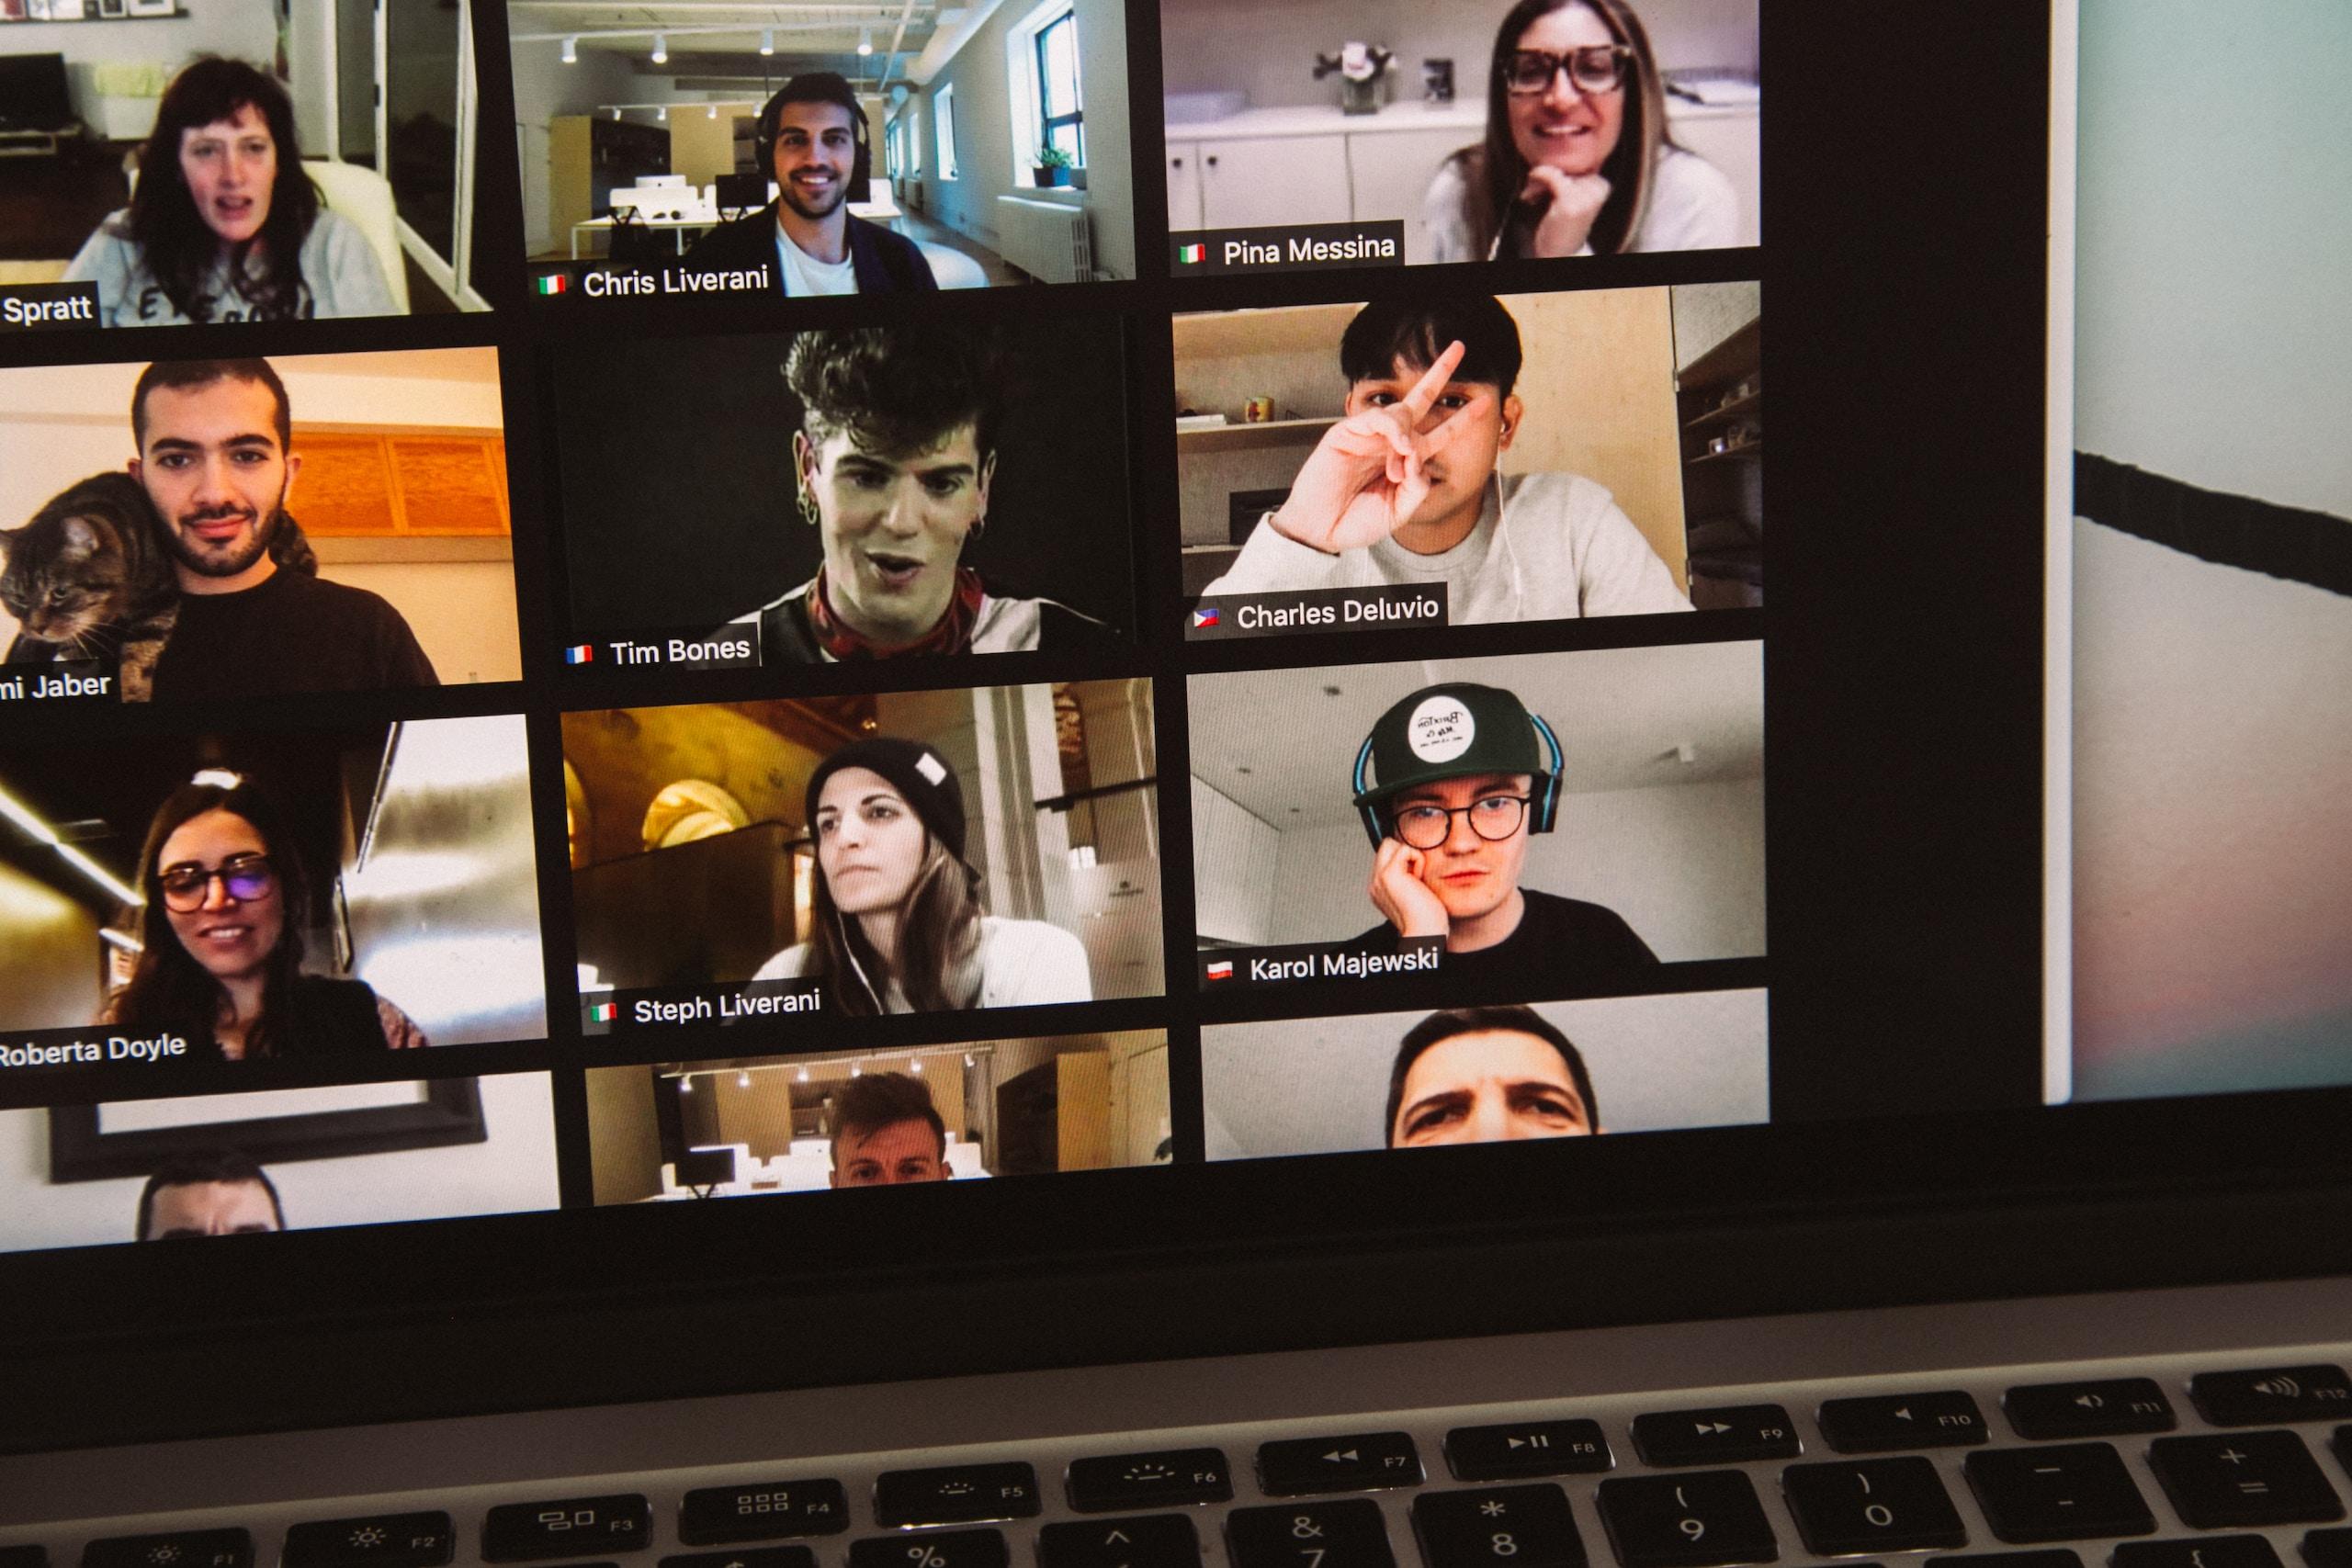 Videokonferenzen mit Schüler:innen effizient gestalten